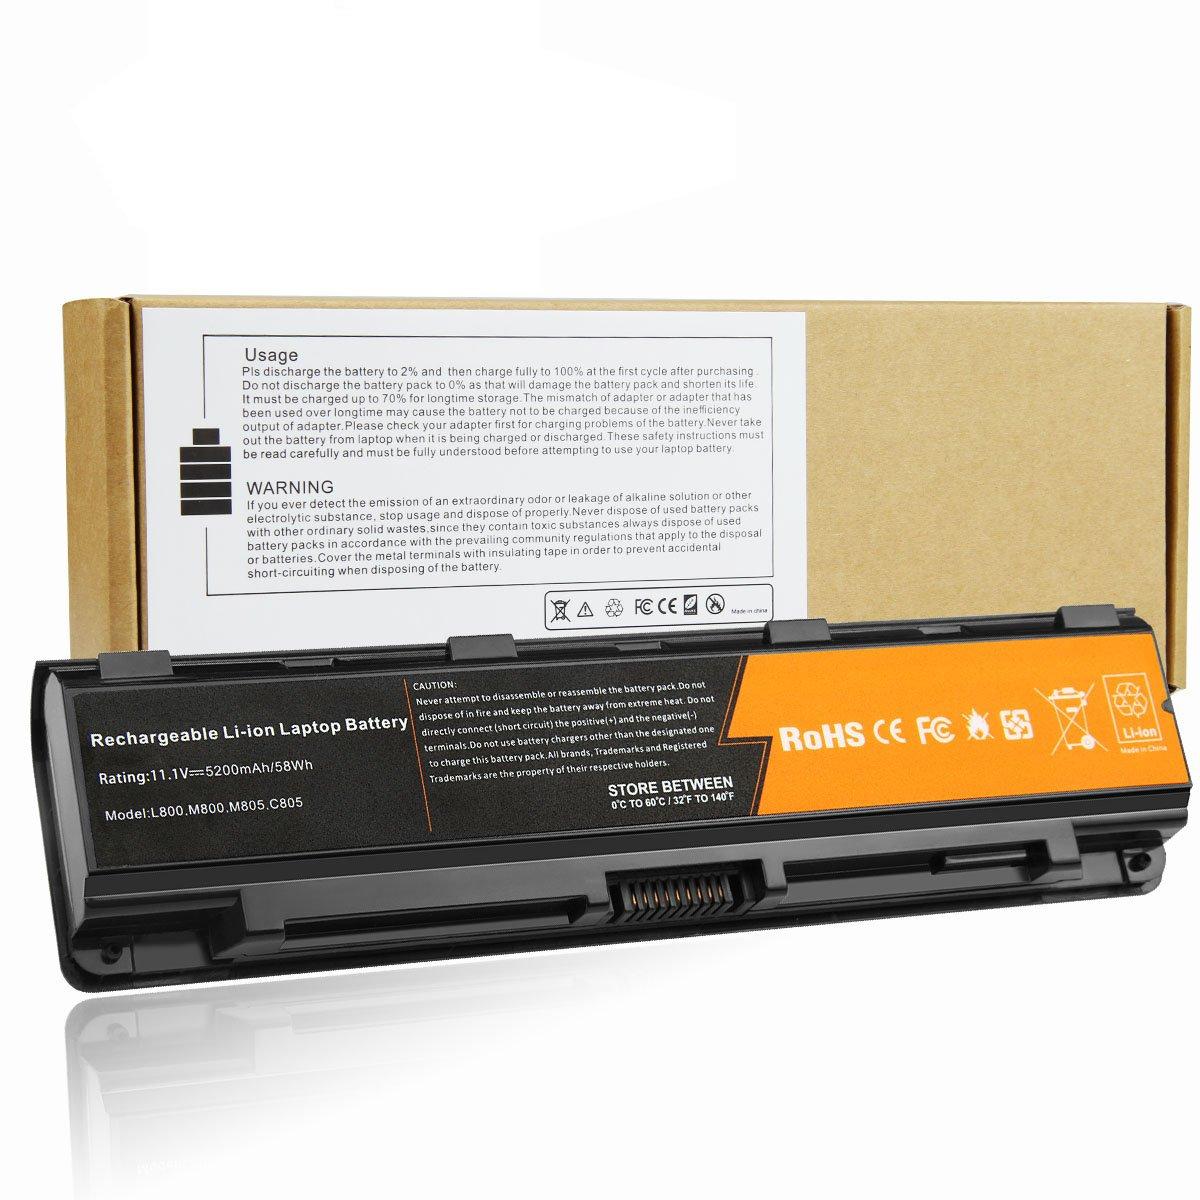 Bateria Para Toshiba Satellite L855-s5375 L855-s5383 L855-s5385 L855d-s5114 C855-s5236 C855d-s5104 5200mah 6 Celdas